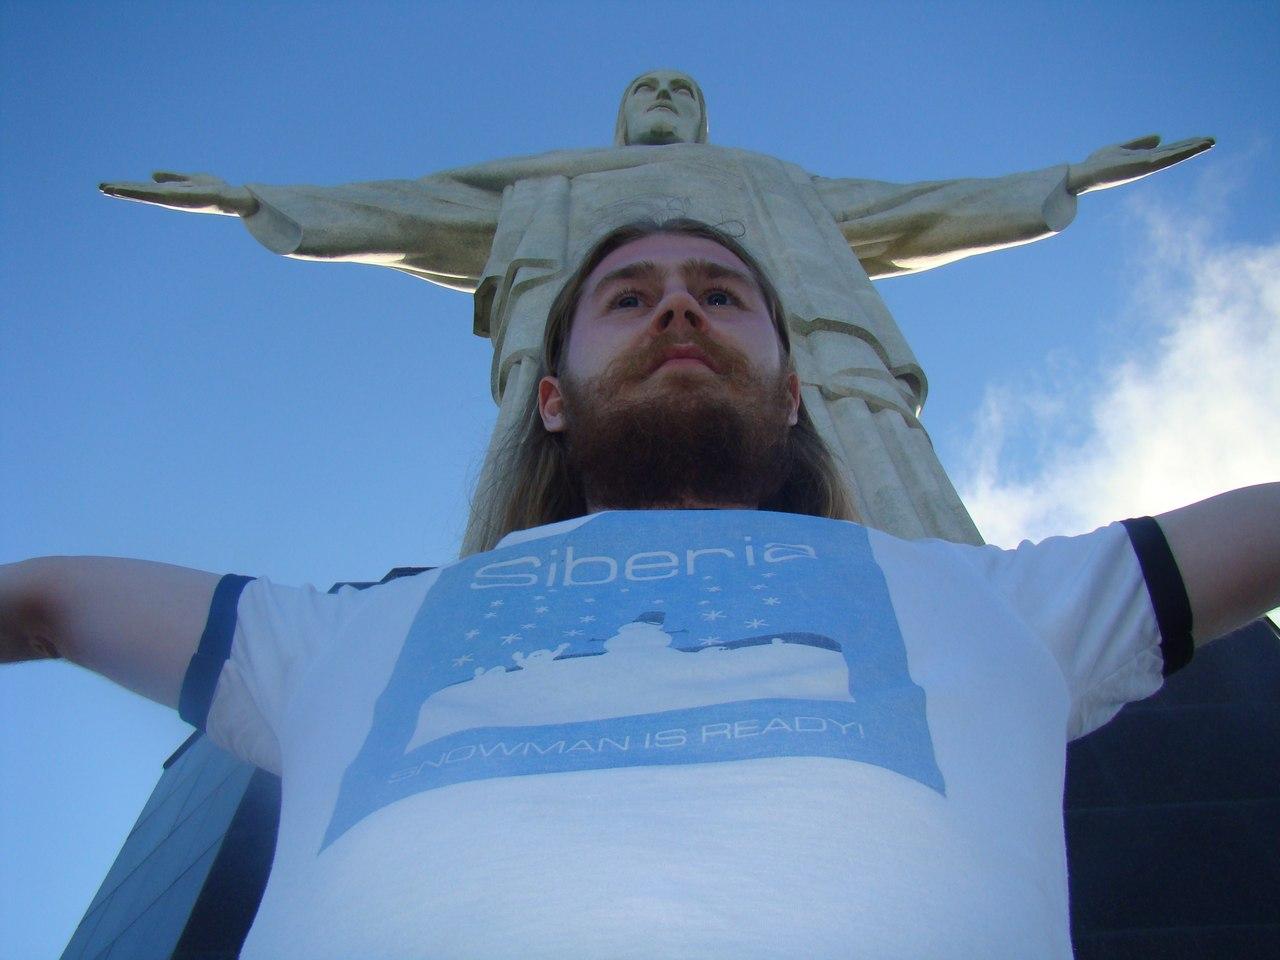 Siberian t-shirt in Brazil